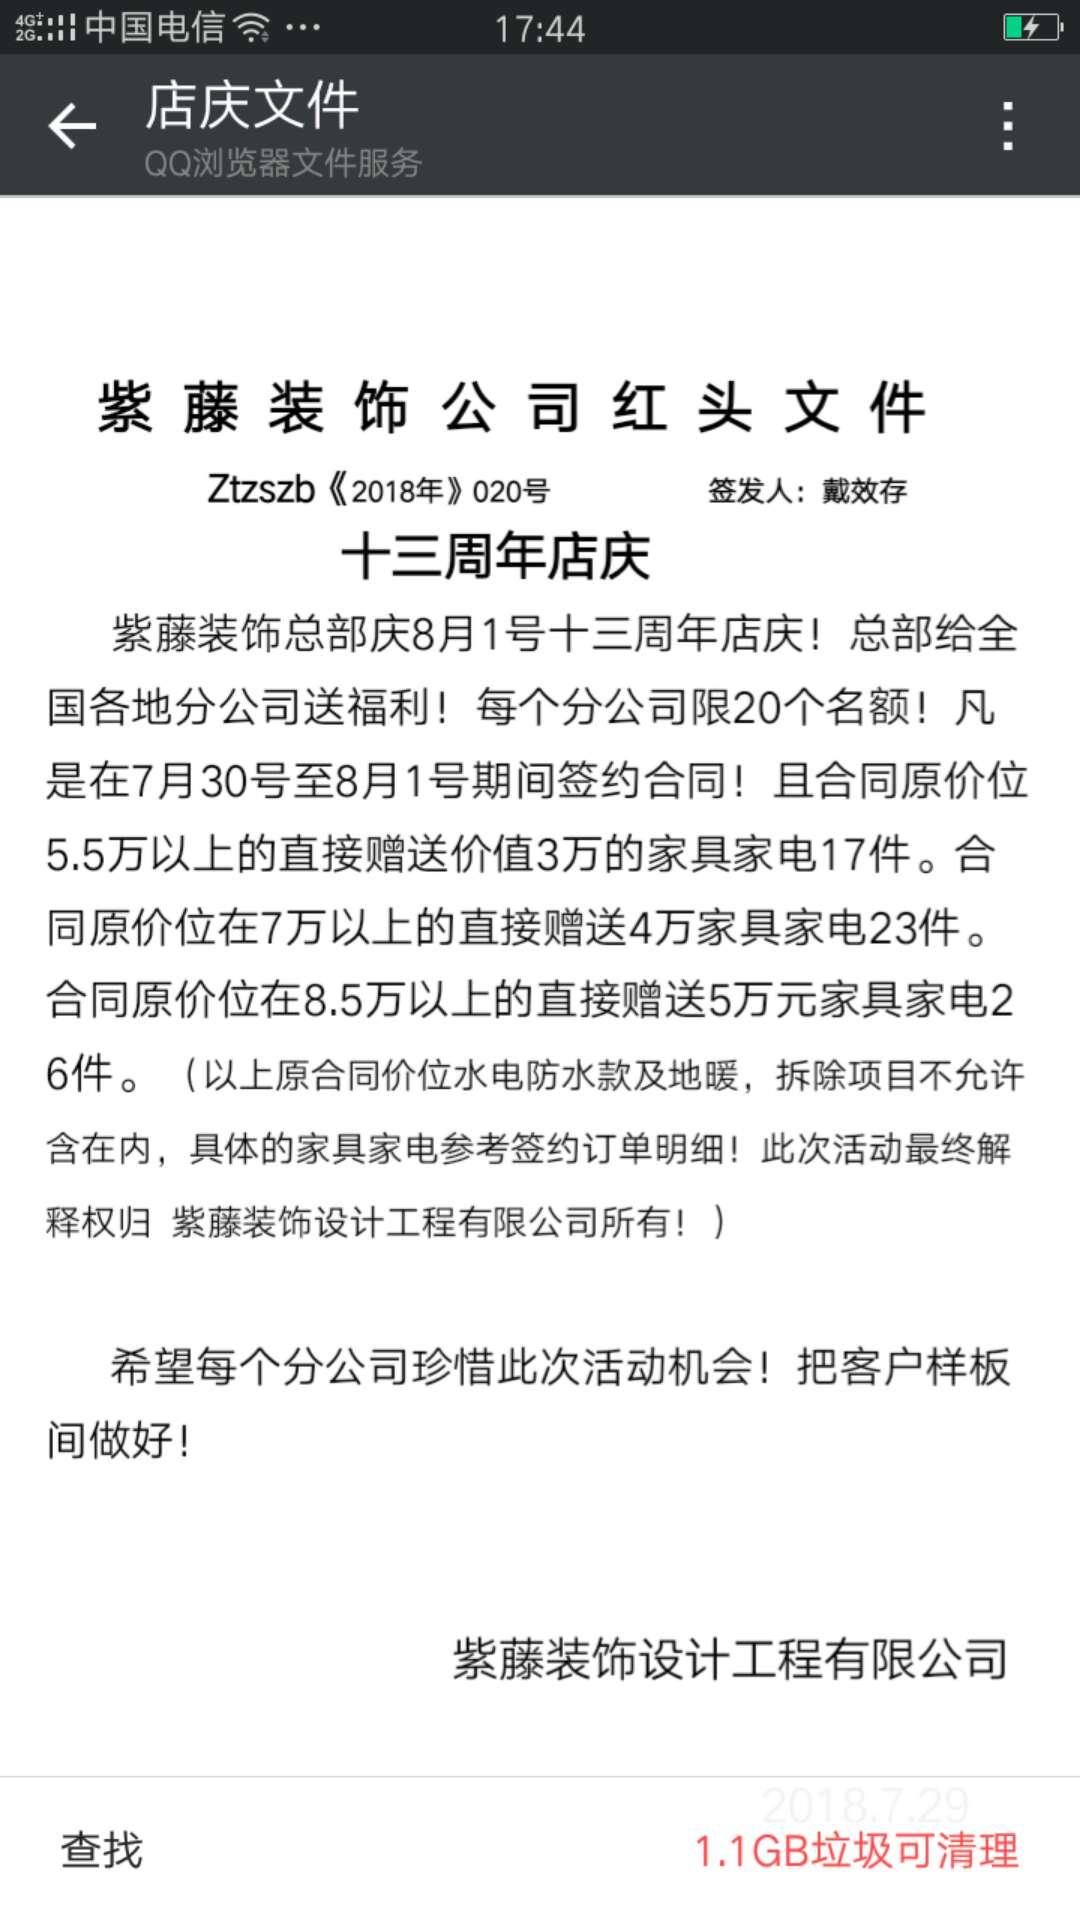 紫藤总公司十三周年店庆送福利